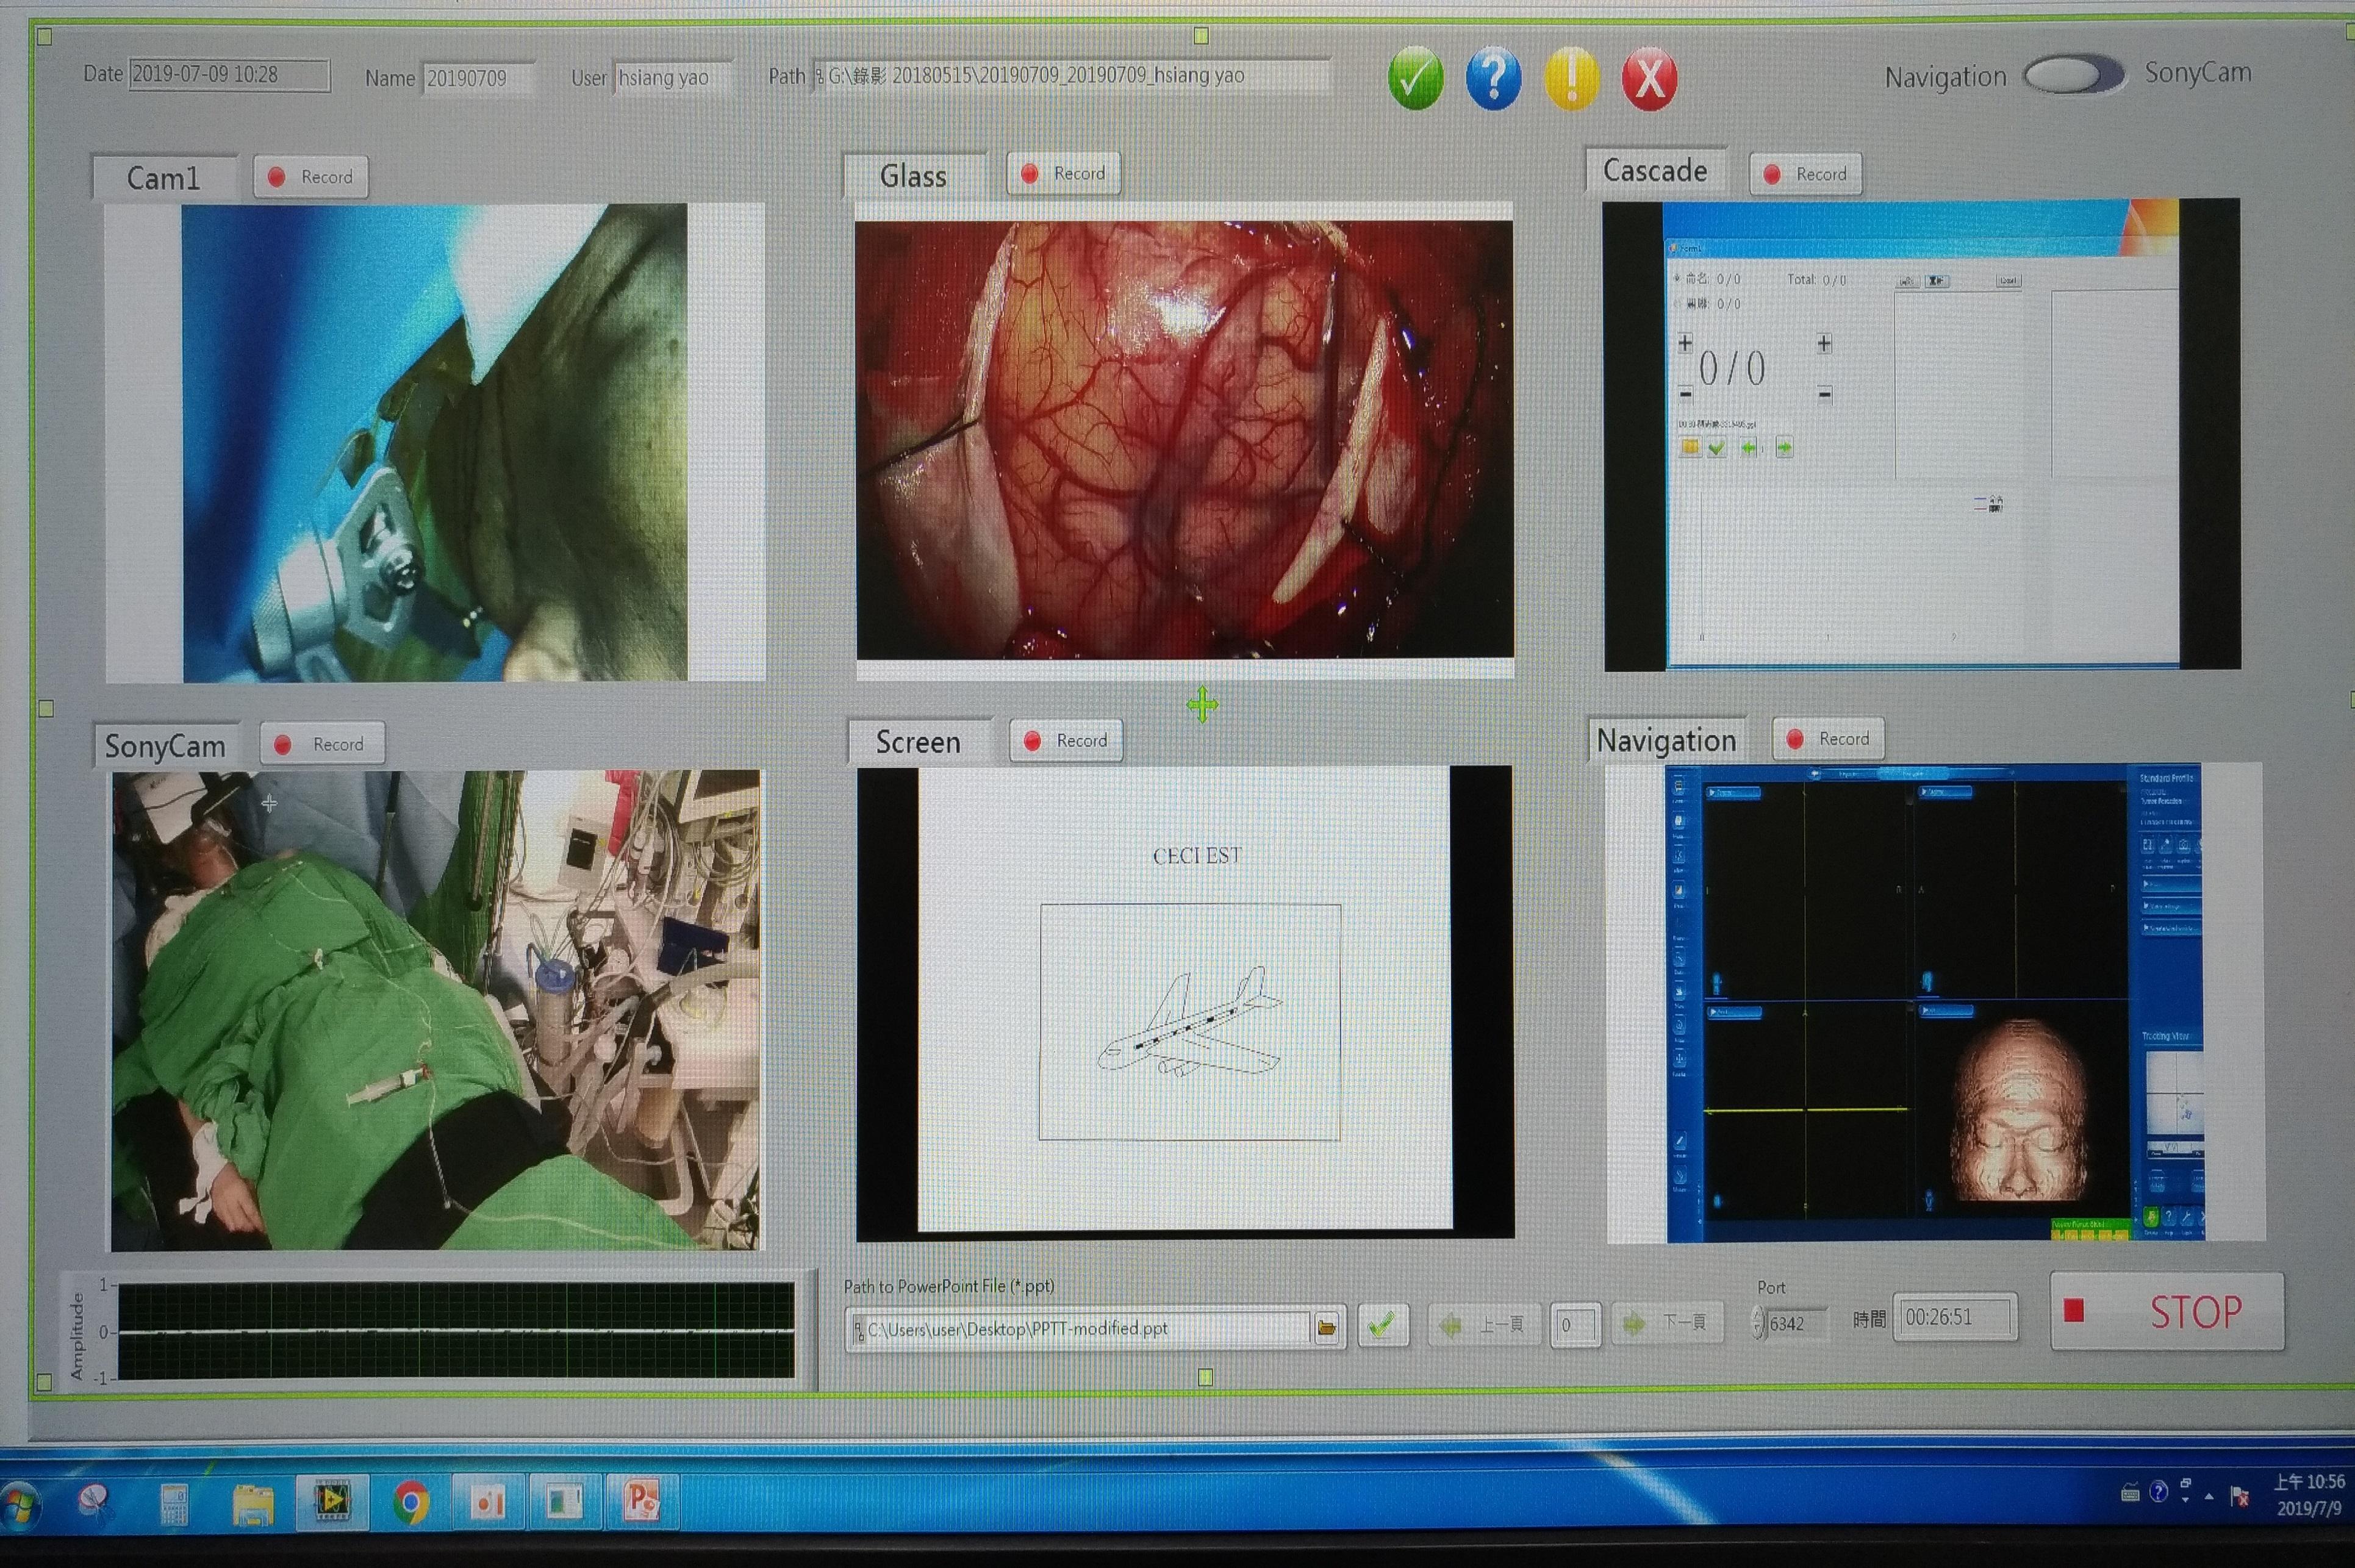 電腦平台利用匯集的資訊,可監控手術情形,適時傳送個別資訊至智慧眼鏡,並在病患有重要變化時利用特殊符號提醒手術醫師。